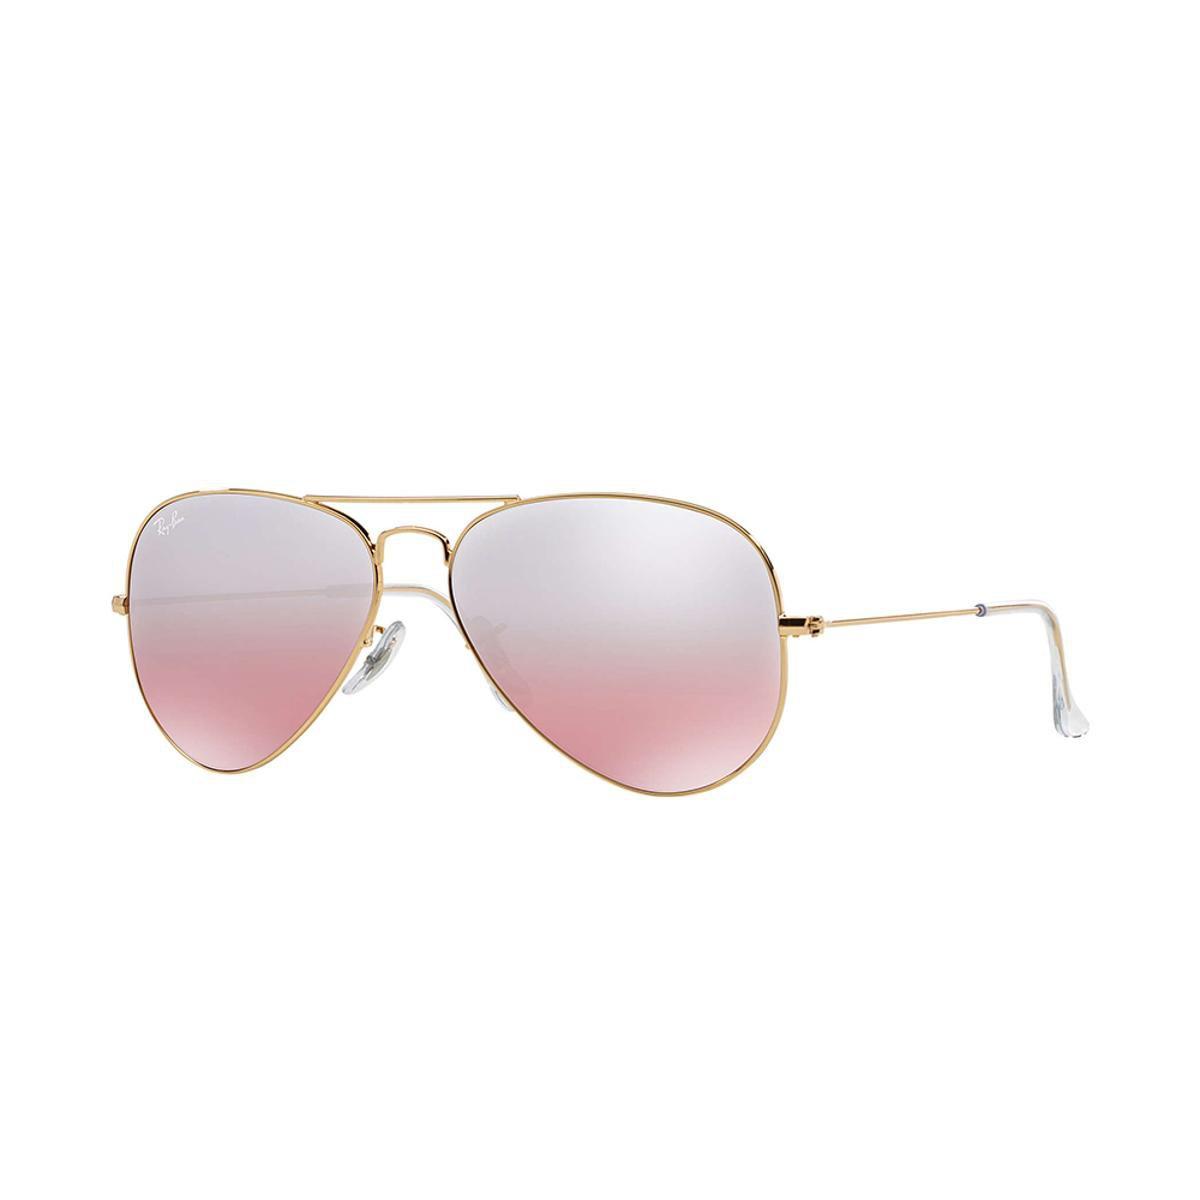 Óculos de Sol Ray-Ban Aviator Gradiente - Dourado - Compre Agora ... a56643b655